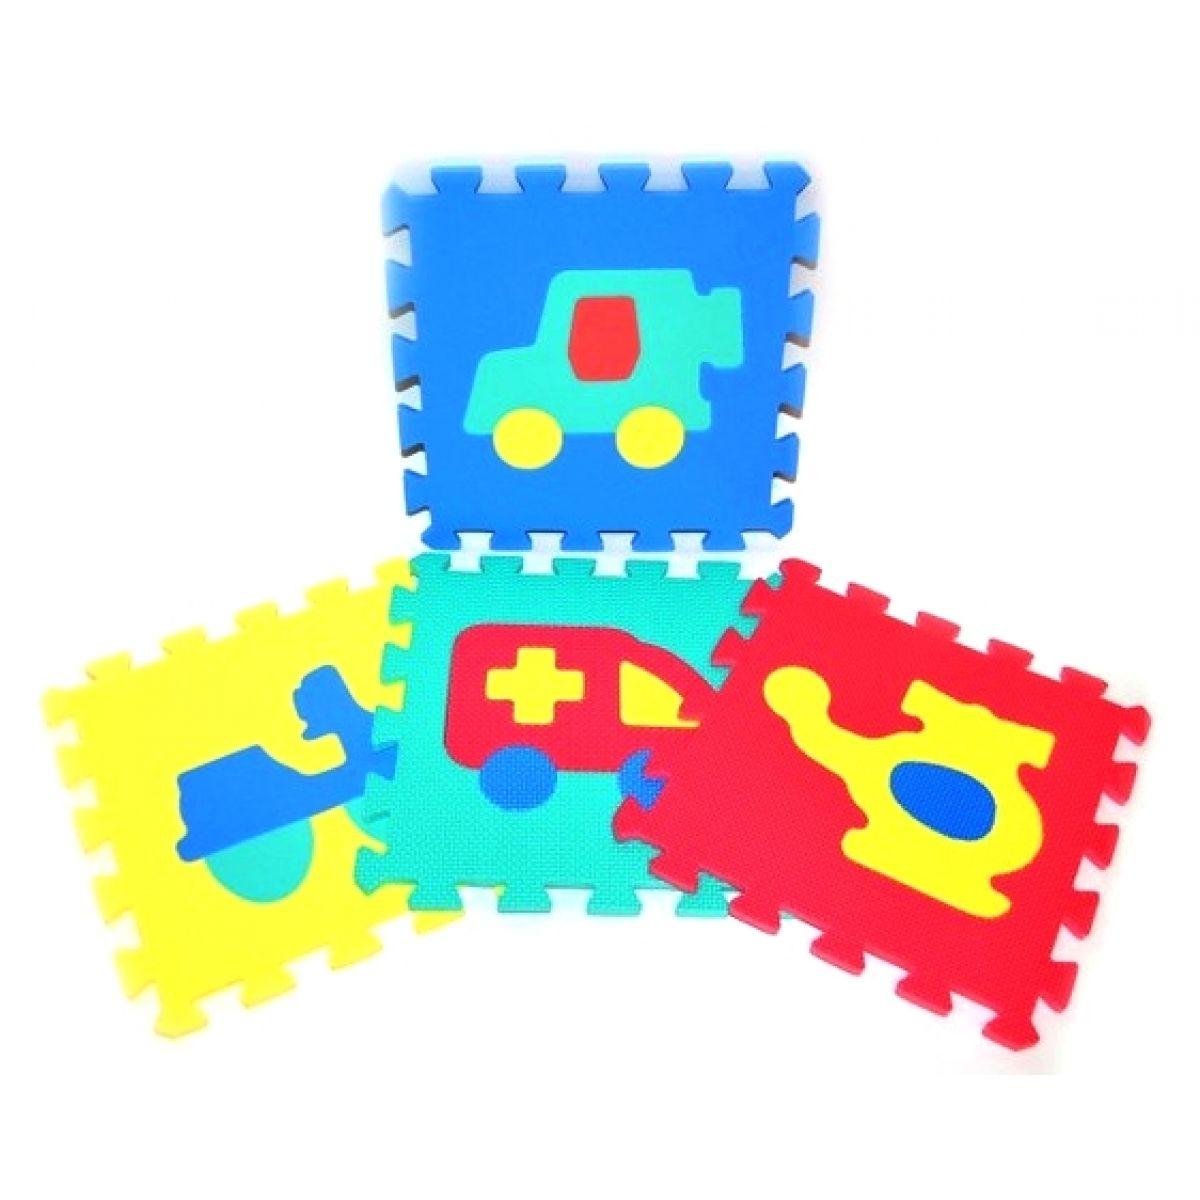 Pěnové puzzle Dopravní prostředky 10ks - Poškozený obal